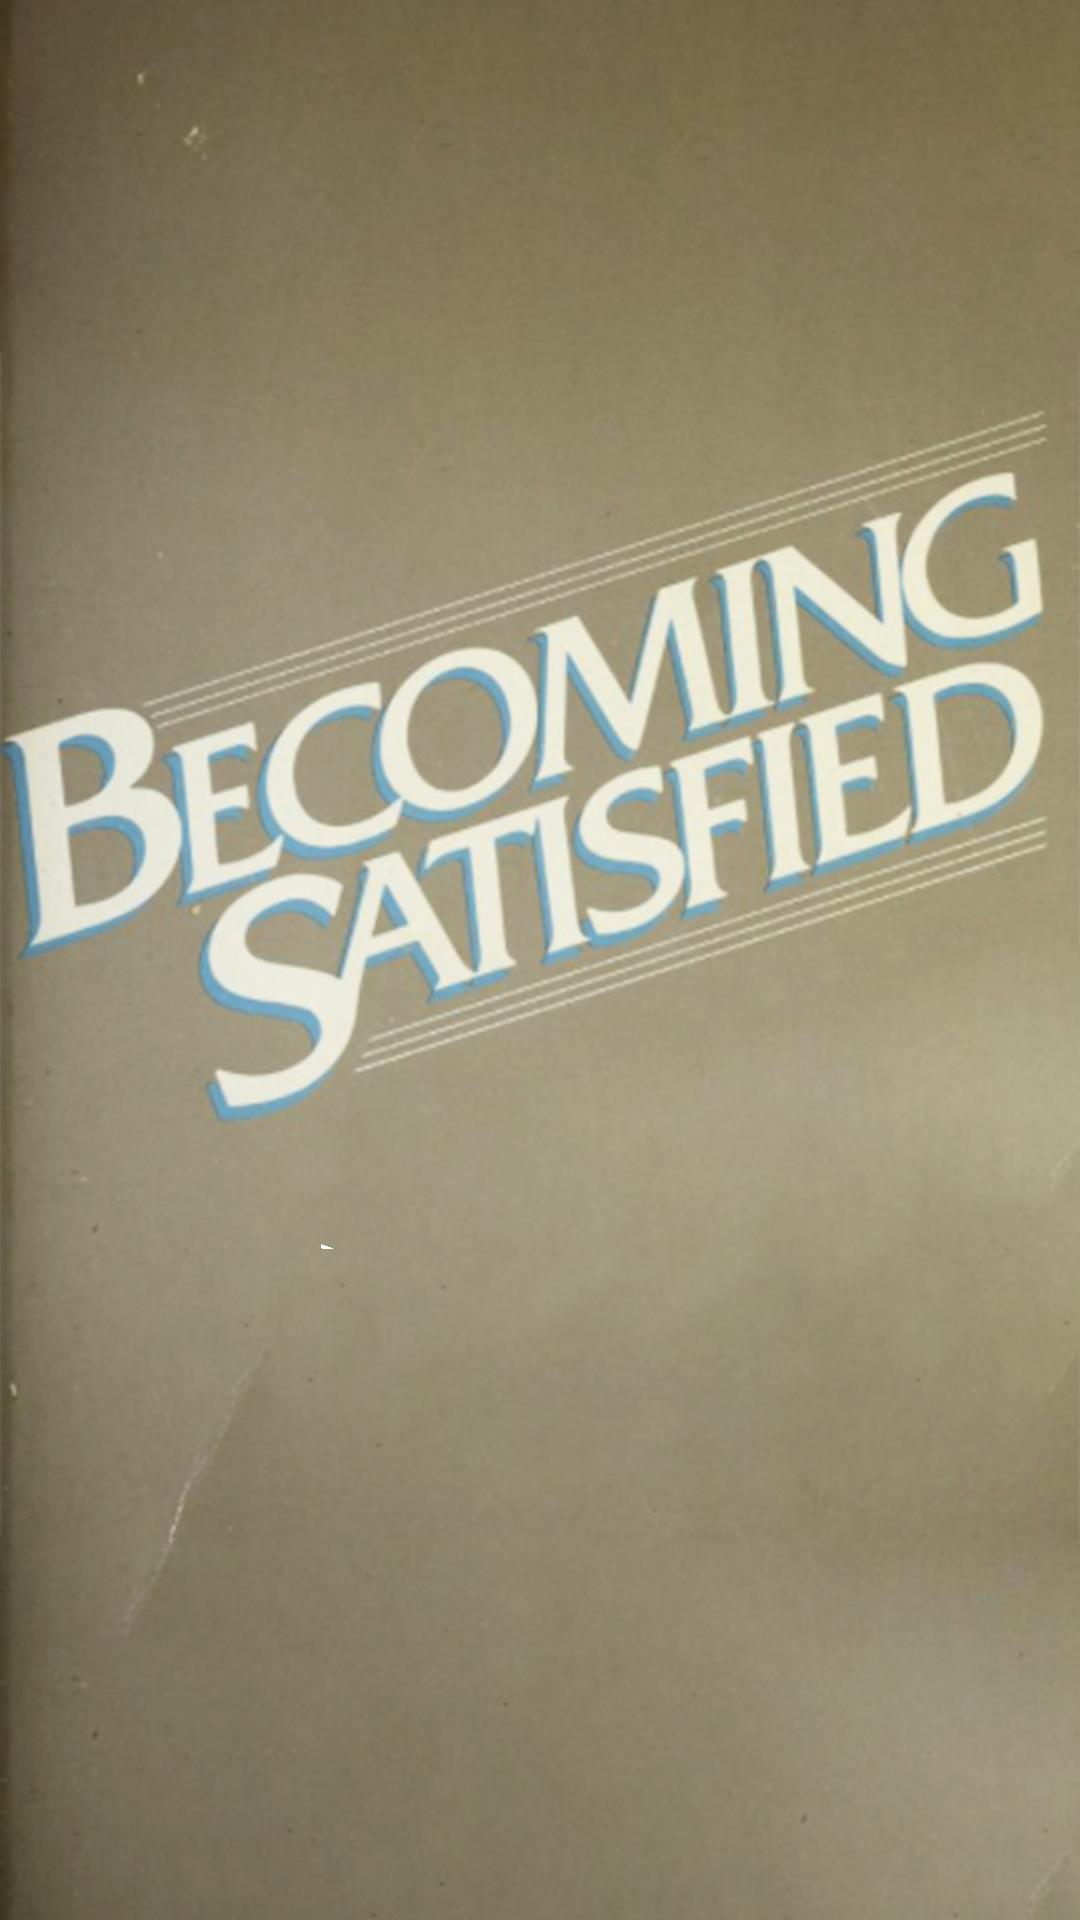 becomingsatisfied.jpg